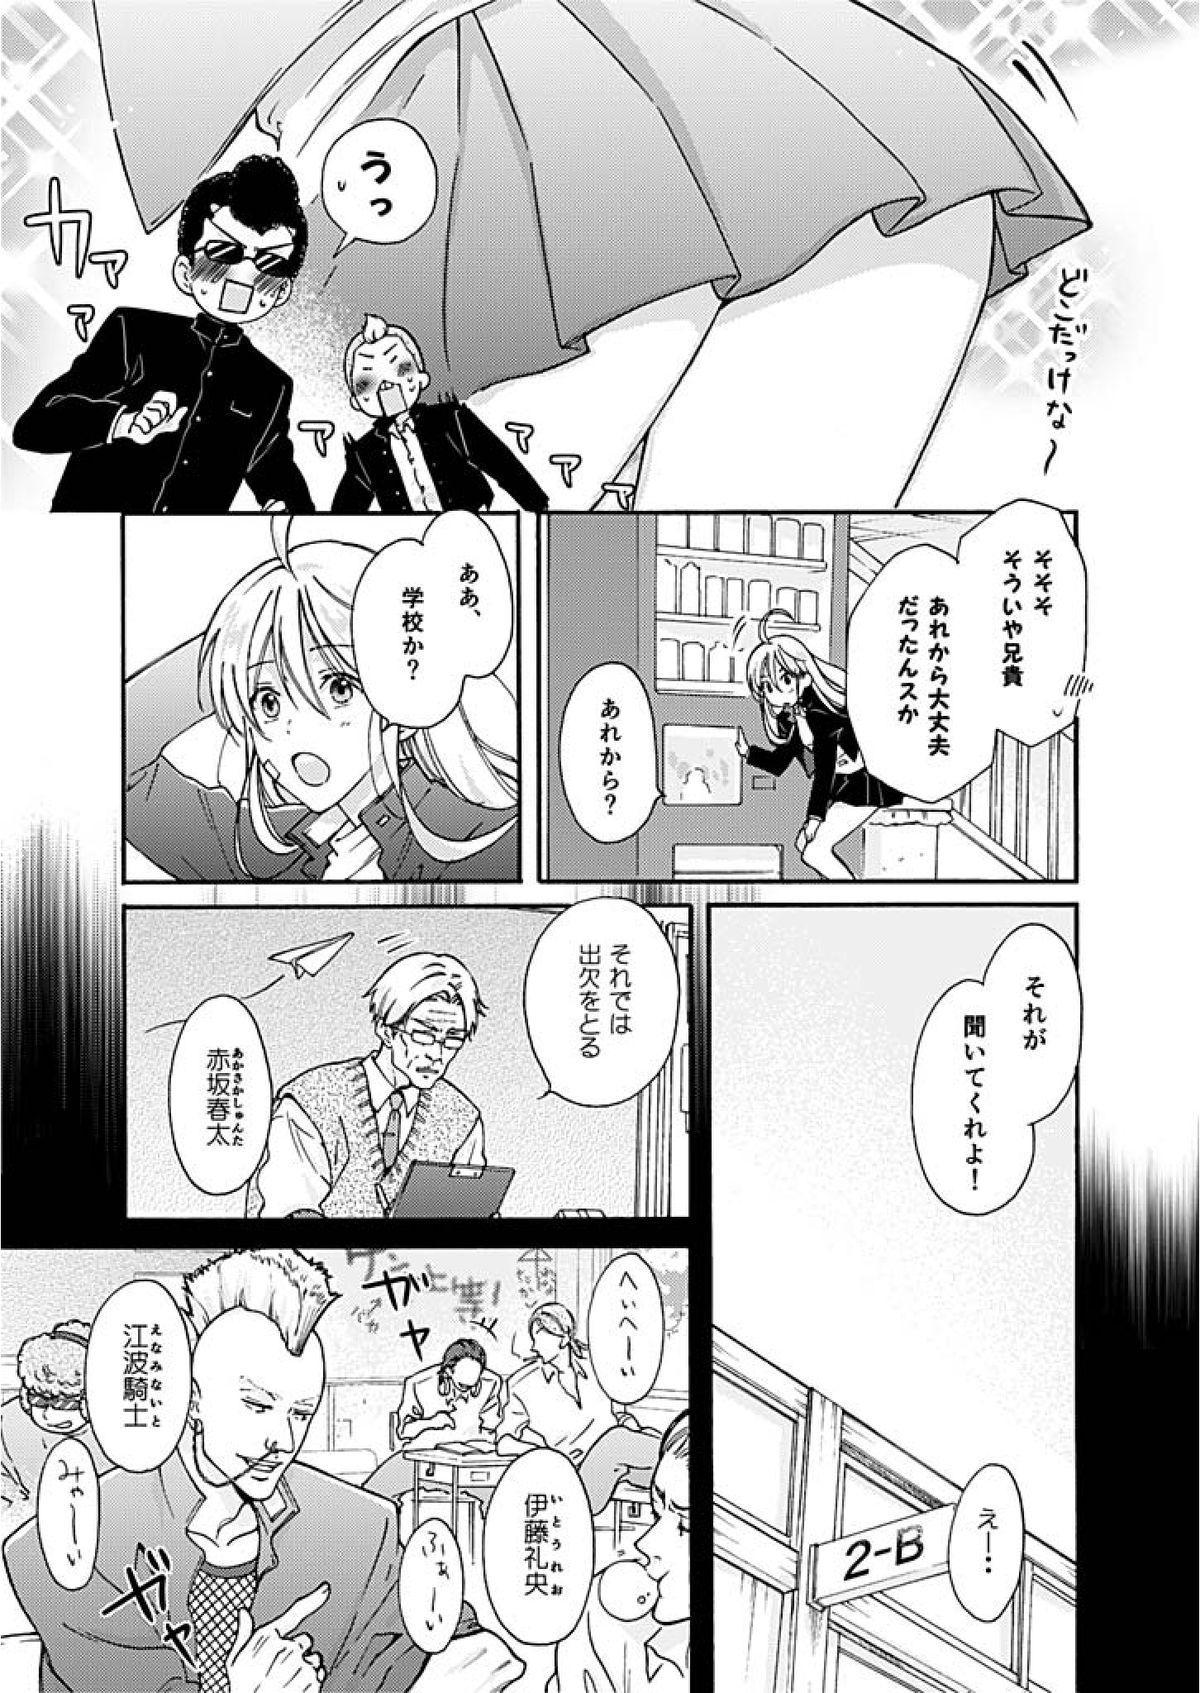 Nyotaika Yankee Gakuen ☆ Ore no Hajimete, Nerawaretemasu. 2 3